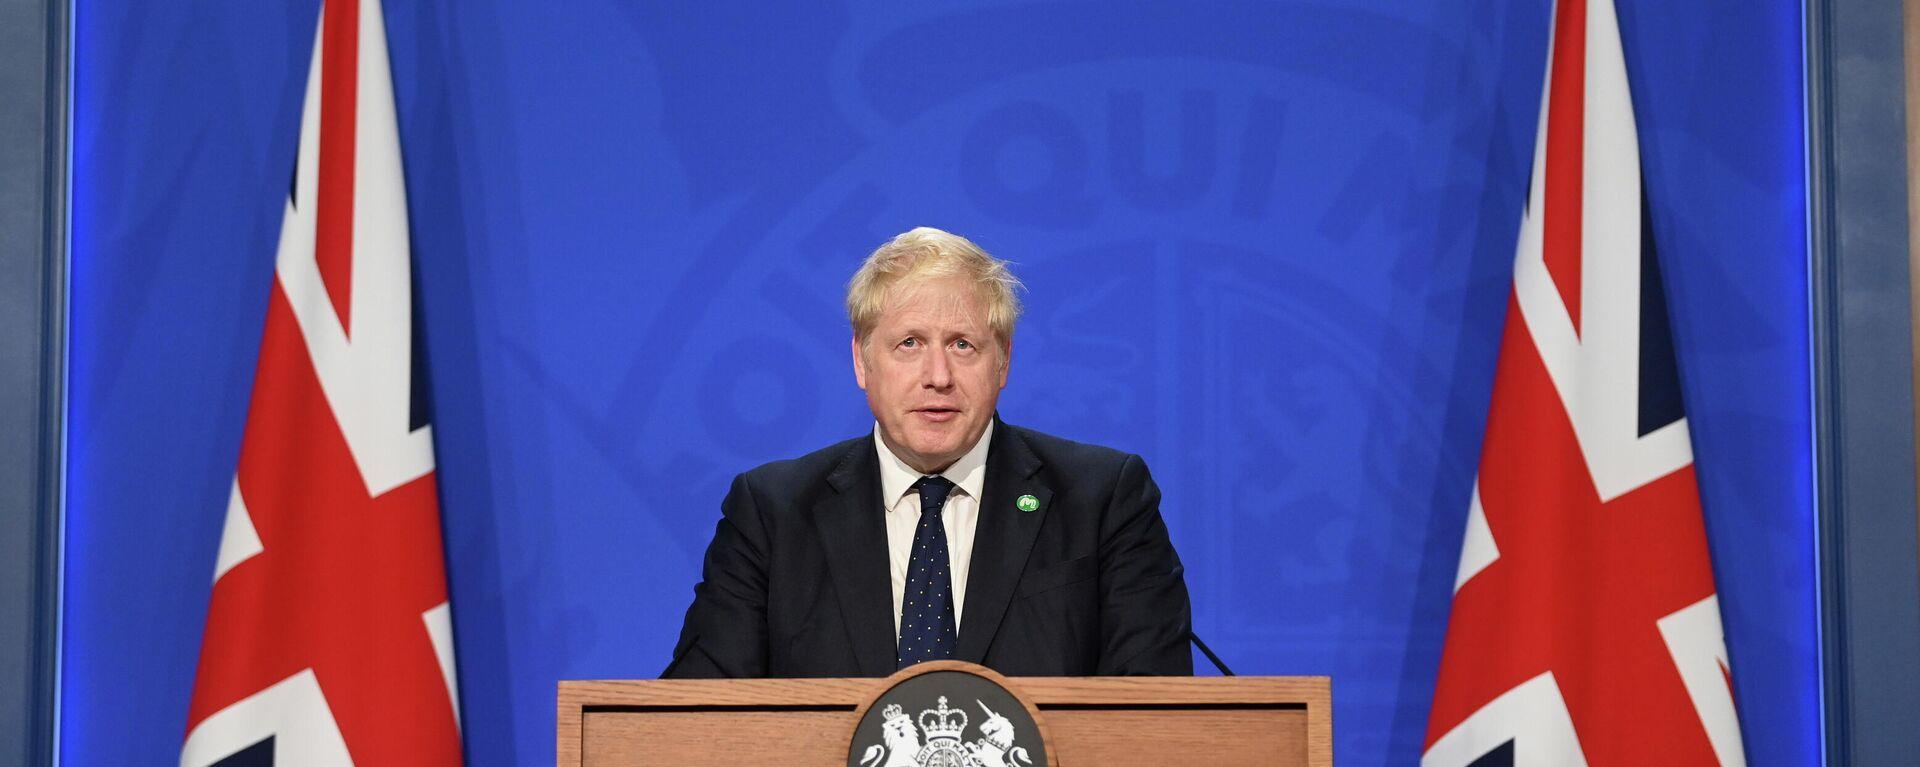 Boris Johnson - SNA, 1920, 07.09.2021